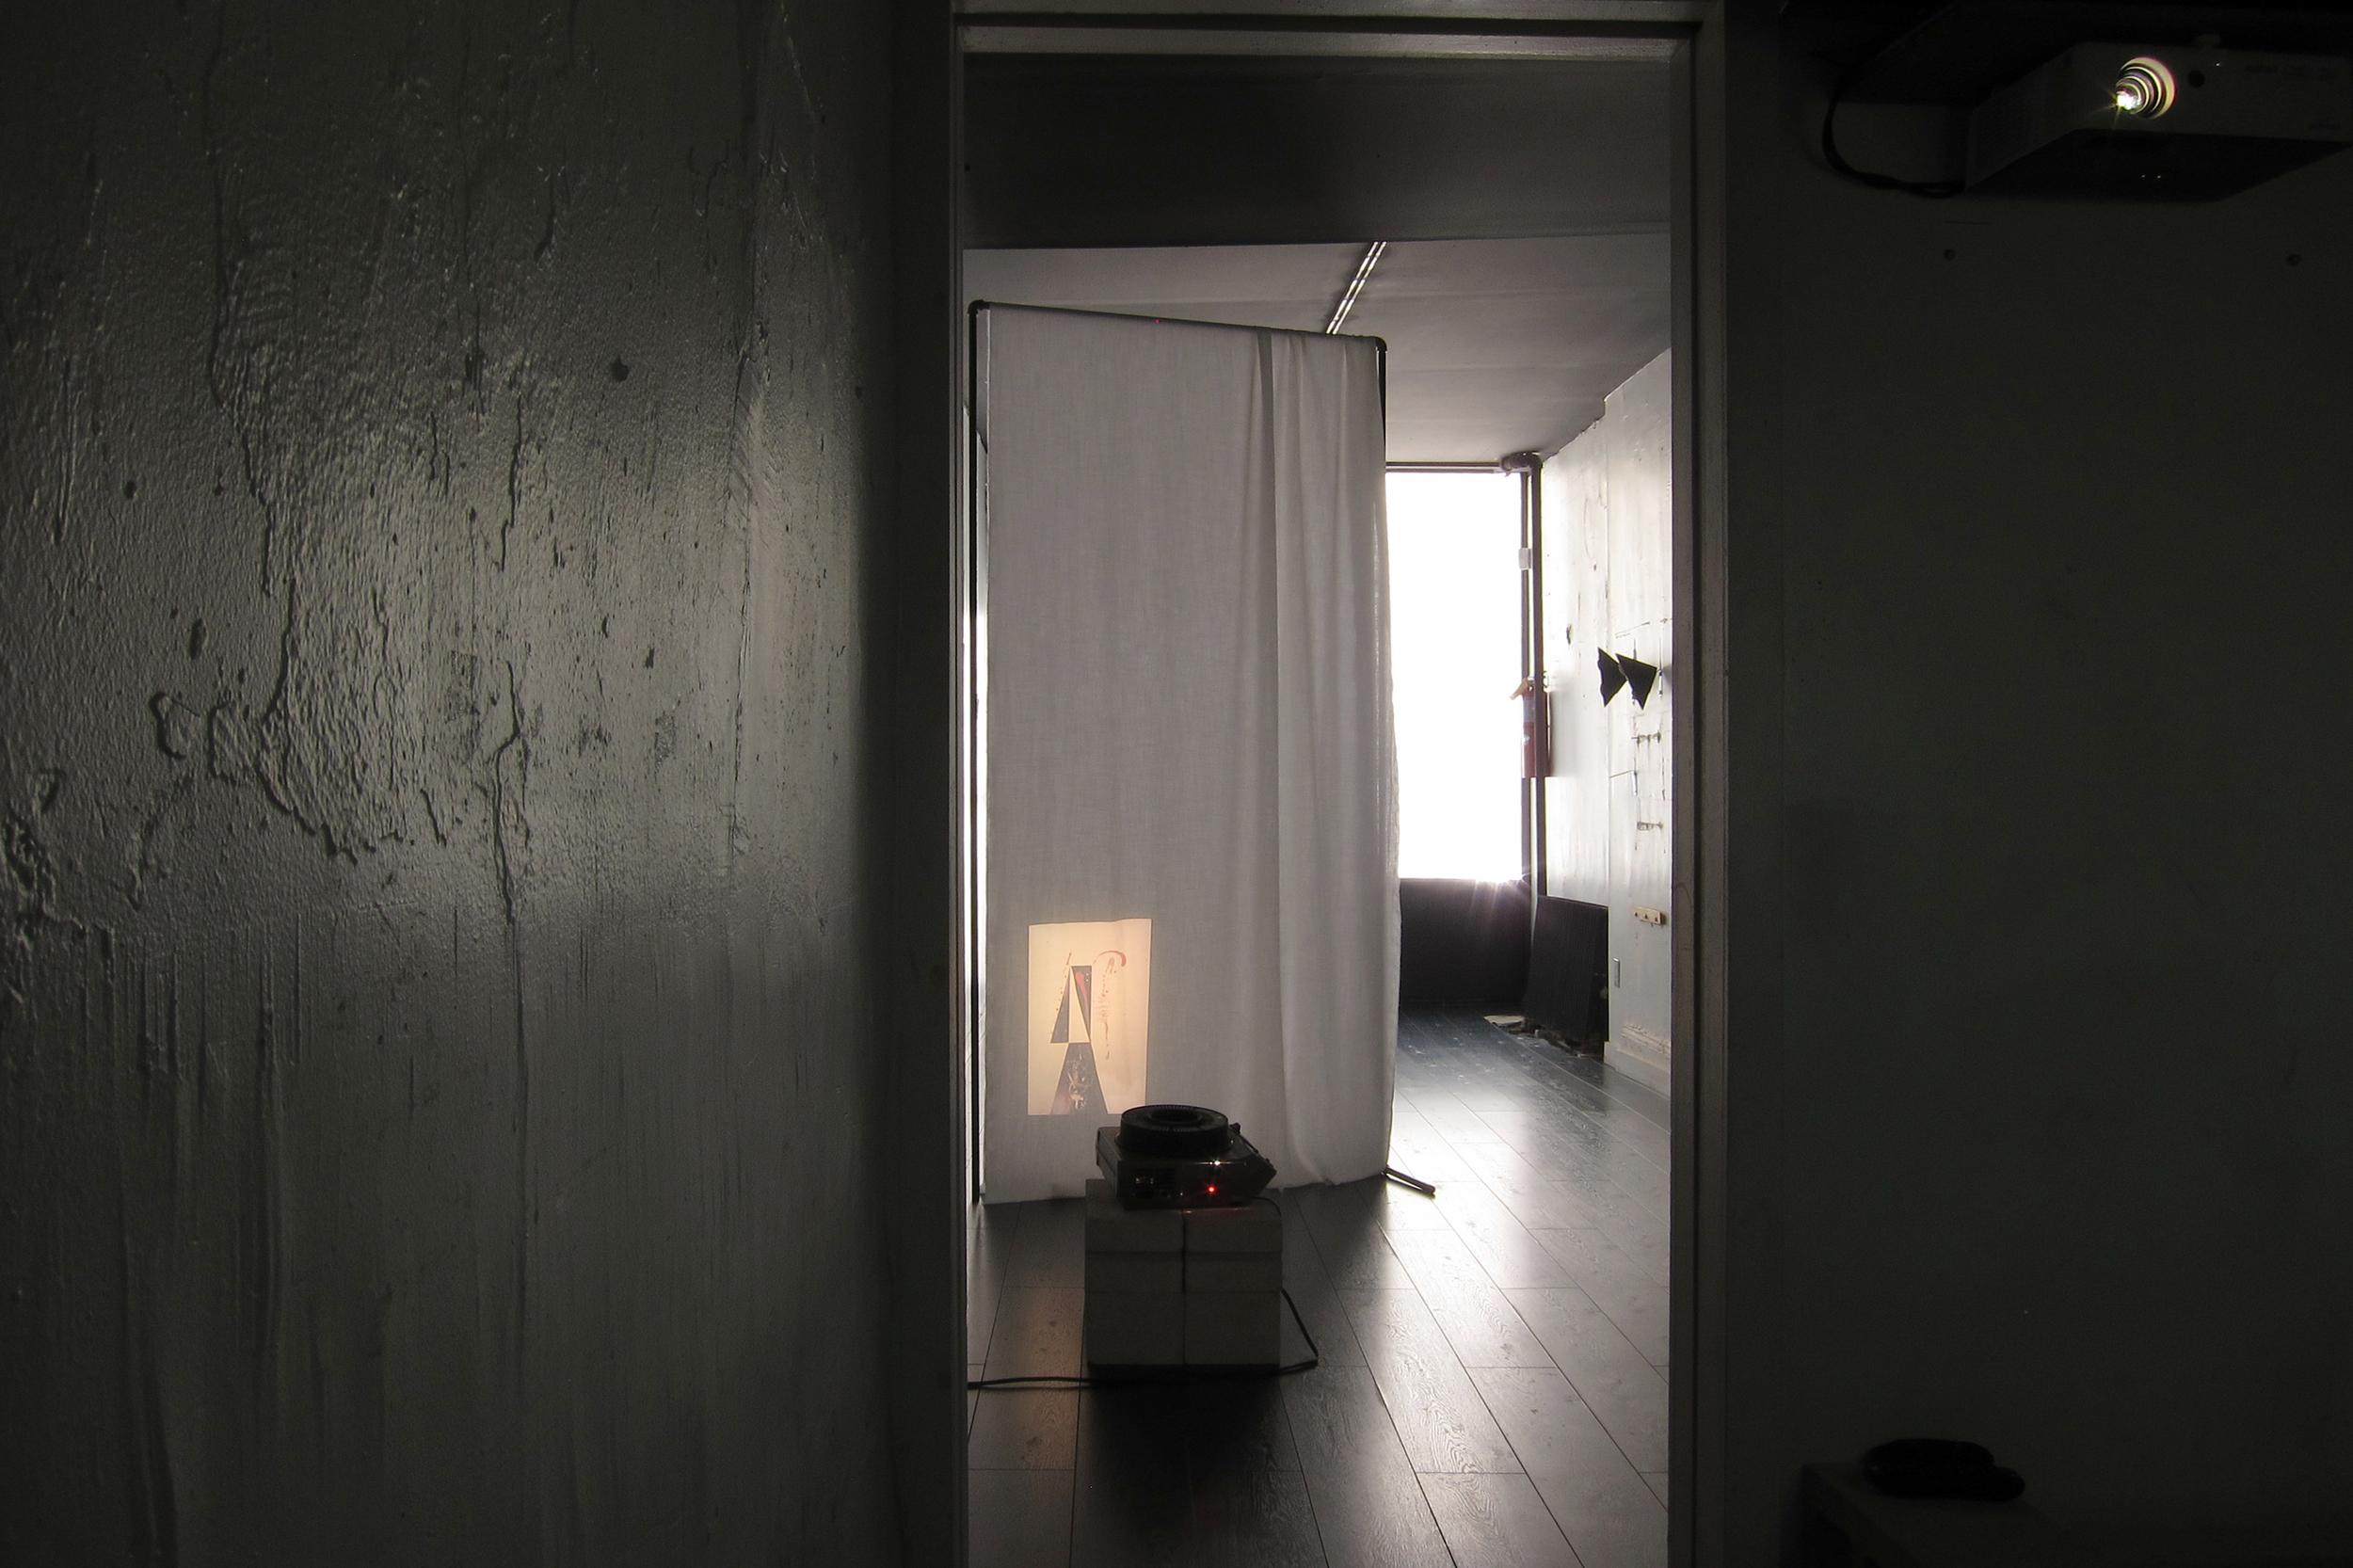 Starschnitt, Kai Matsumiya Gallery, Photo by Markues_08.jpg